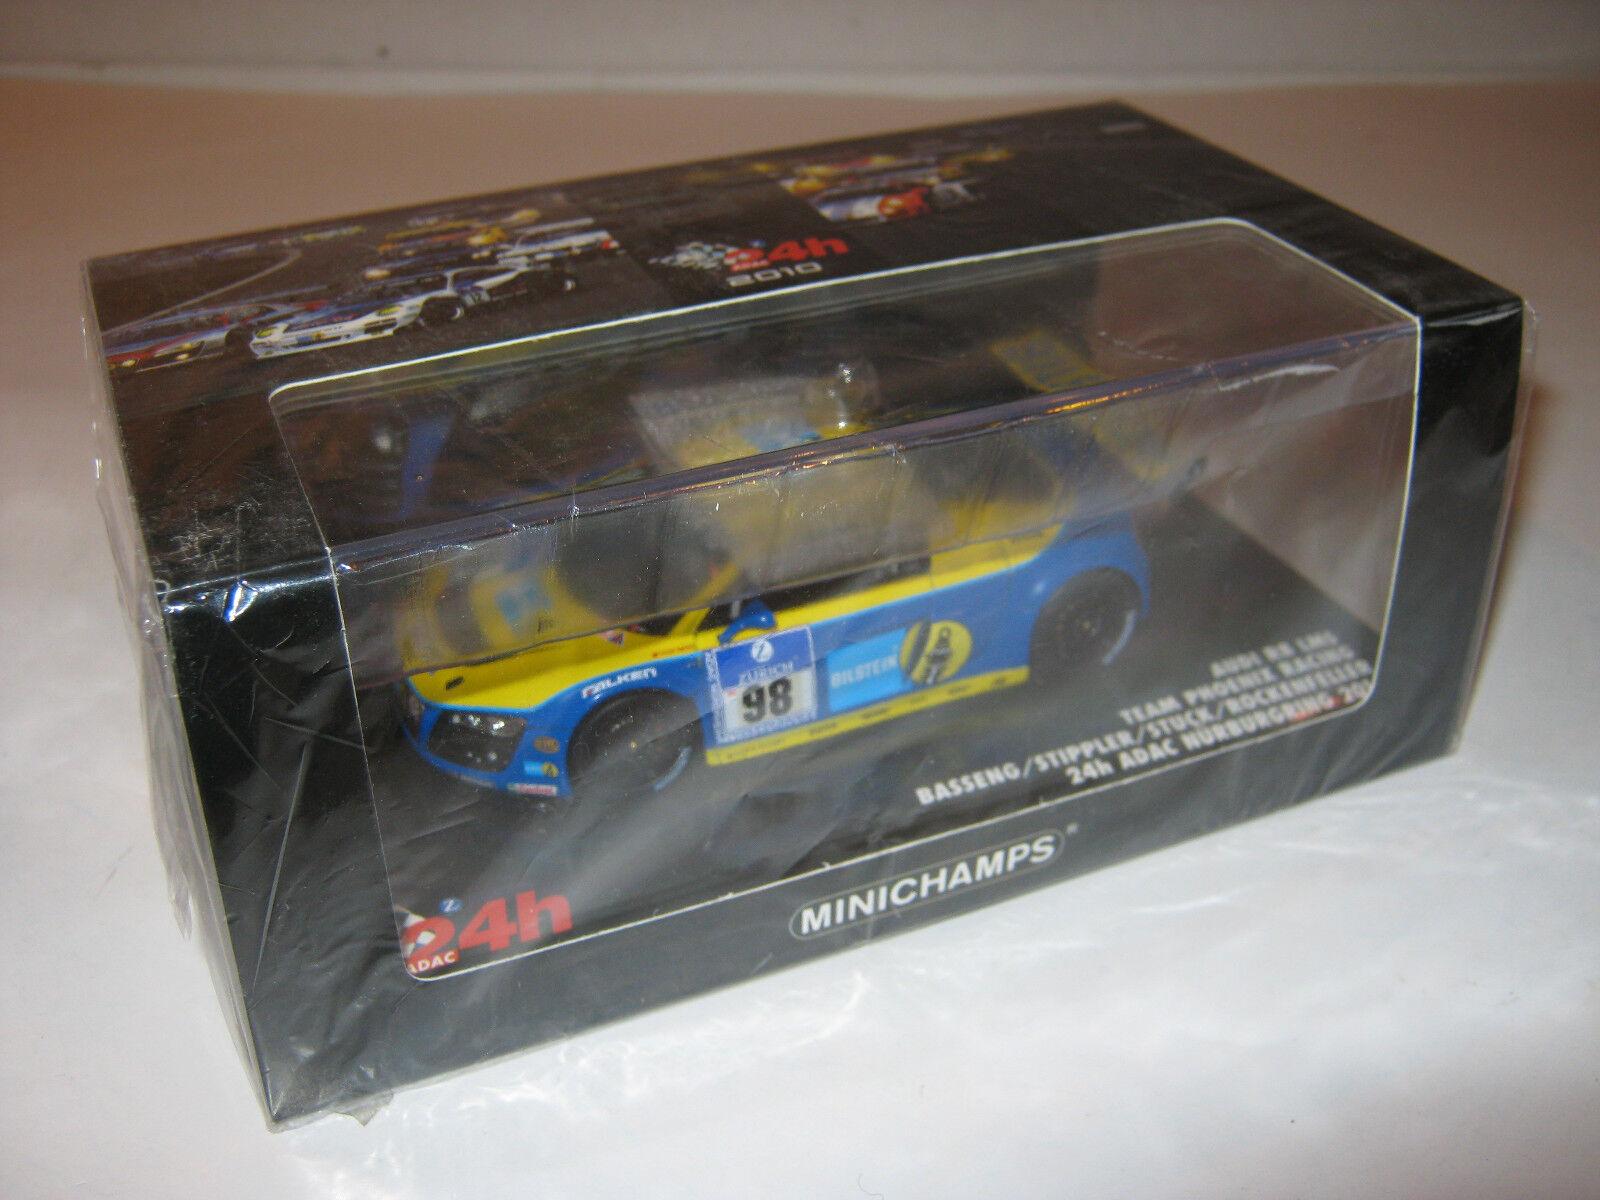 1 43 Audi r8 LMS BASSENG stuc 2010 24 Hr. nrbg. le MINICHAMPS 437101998 neuf dans sa boîte New